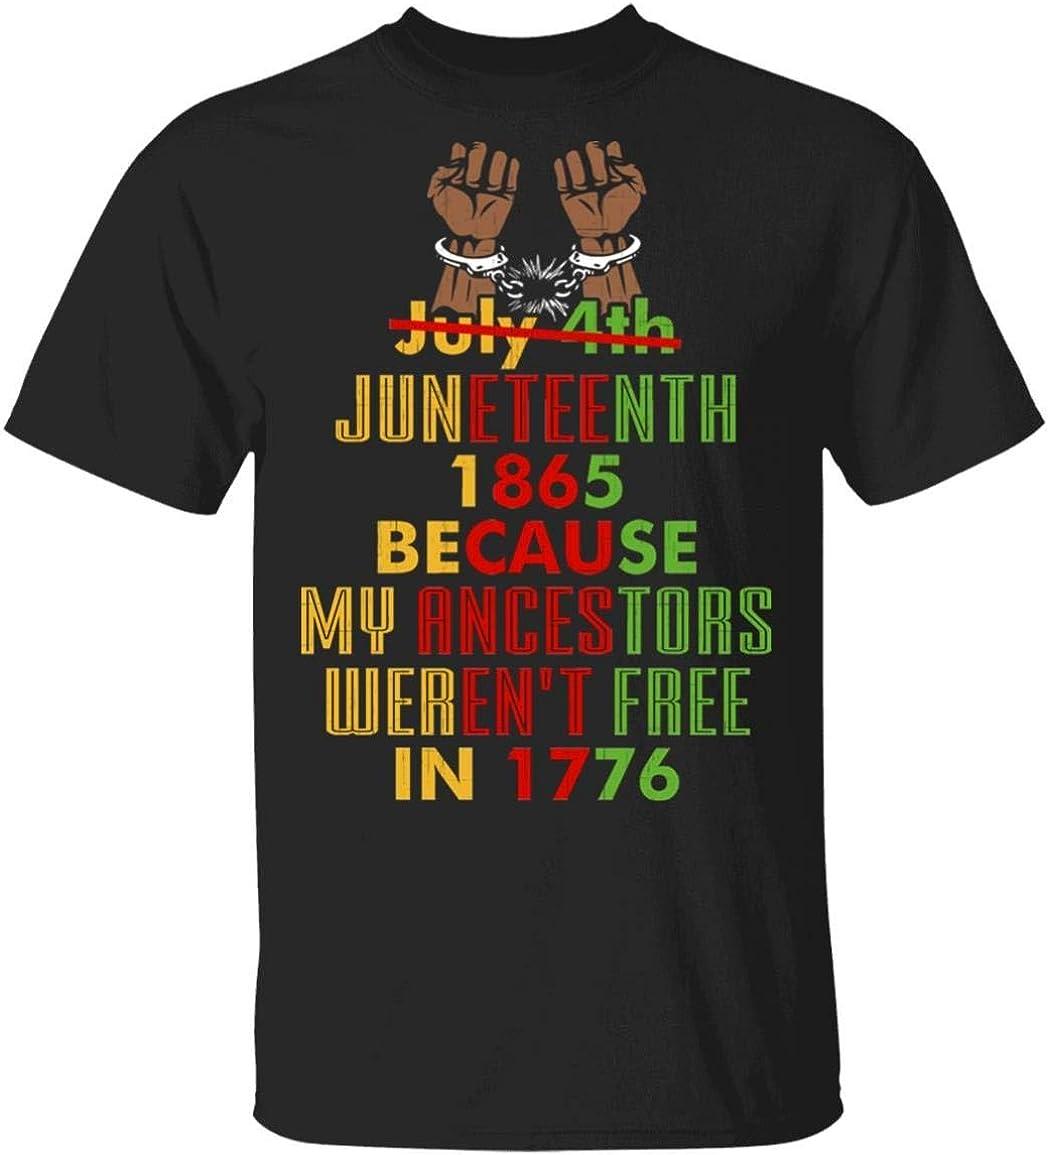 Juneteenth Not July 4th Because My Ancestors Weren't Free 1776 T-Shirt